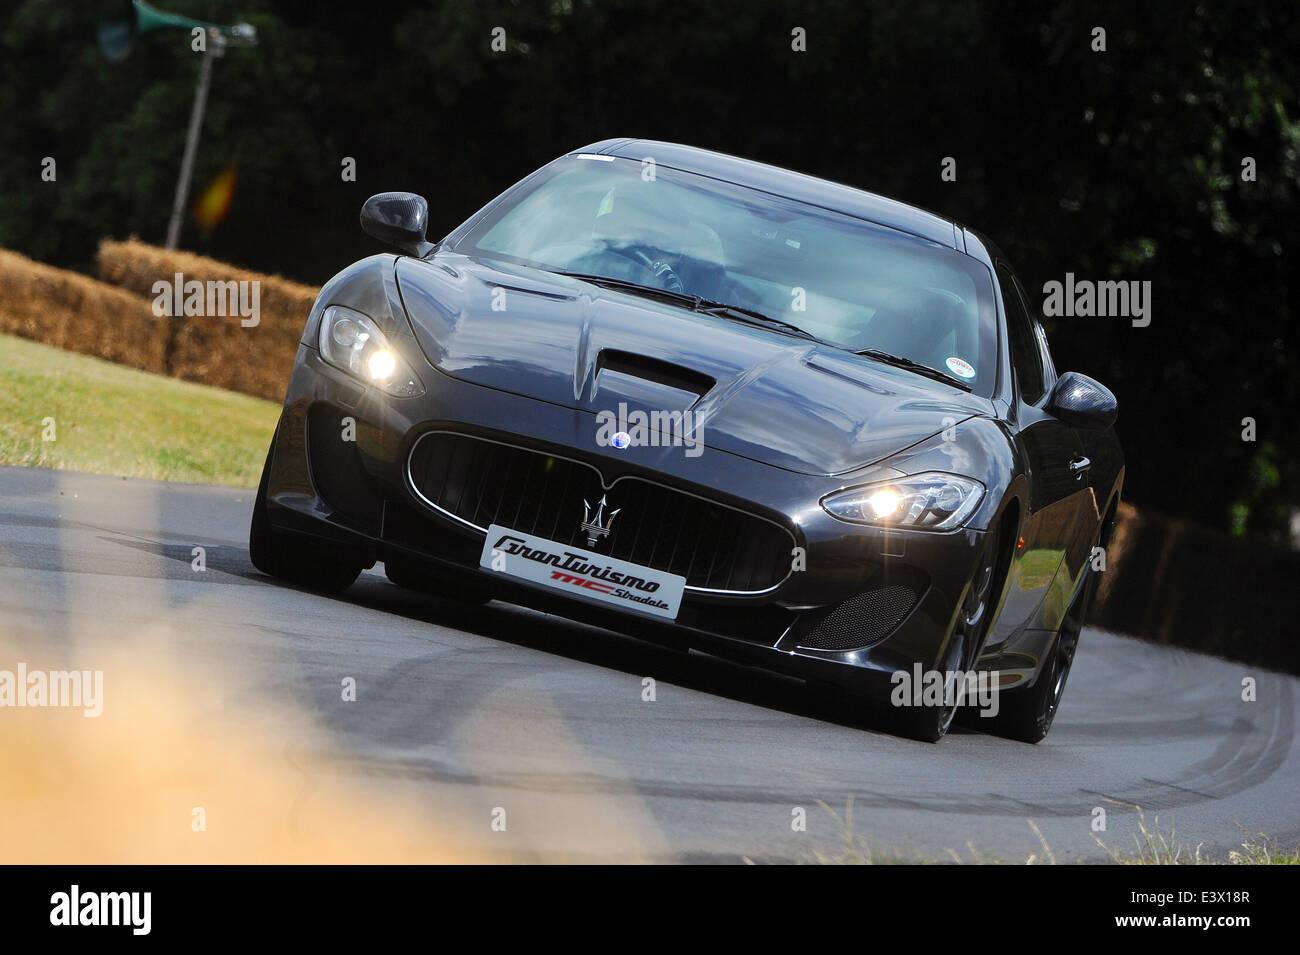 Der Maserati Granturismo MC Stradale wird das Bergrennen auf dem Goodwood Festival of Speed getrieben. Stockbild